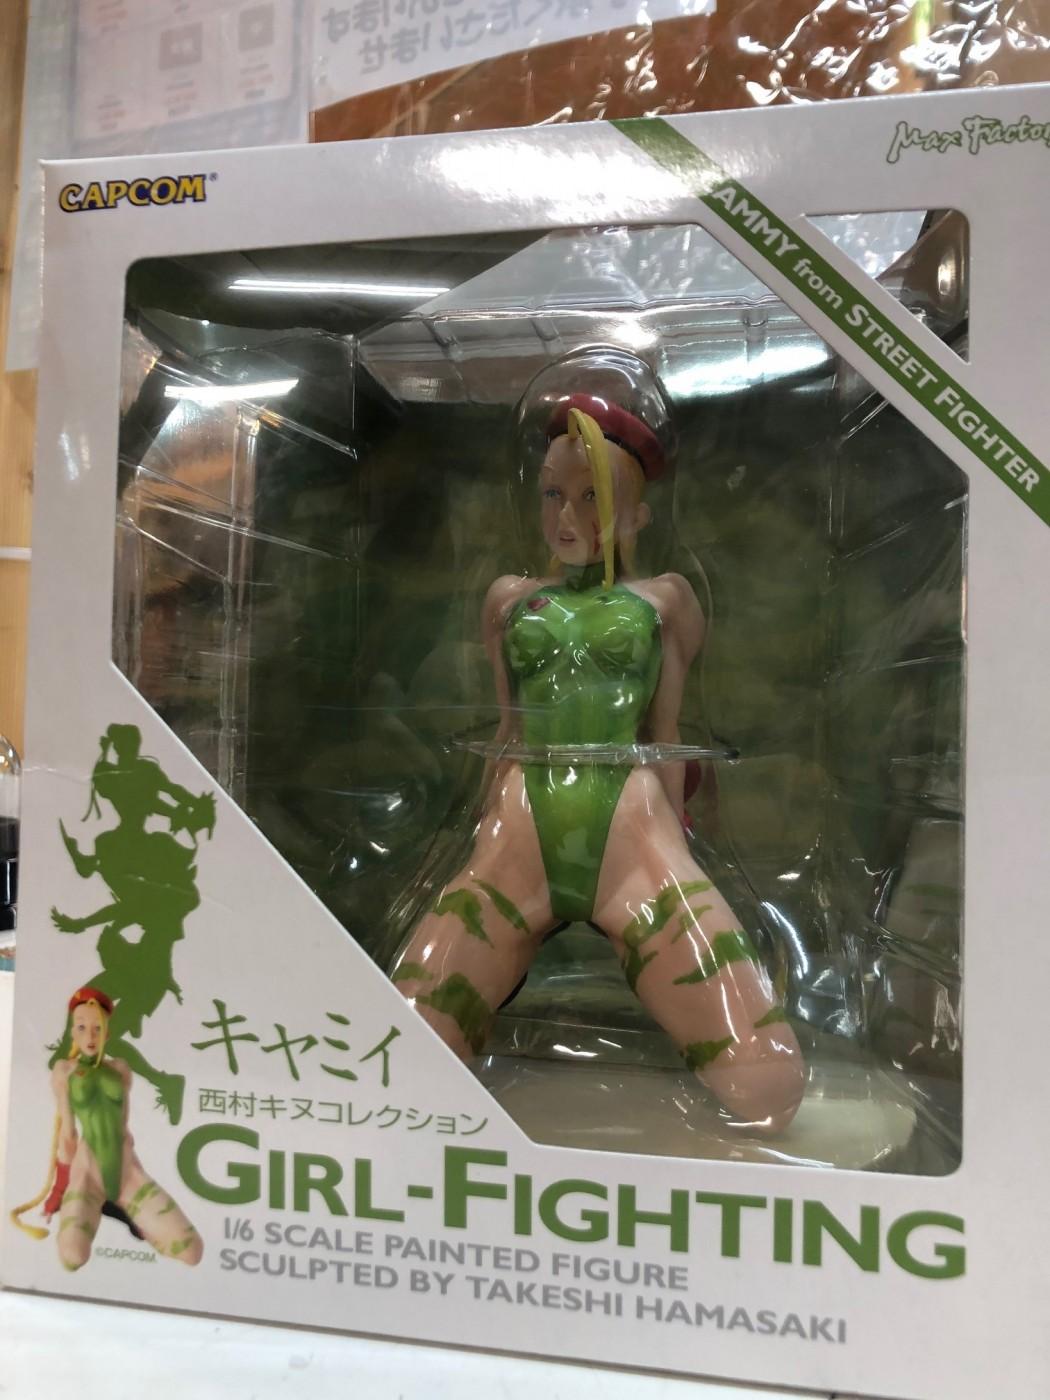 買取情報『マックスファクトリーの西村キヌコレクション GIRL-FIGHTING スーパーストリートファイターⅡ キャミィ』